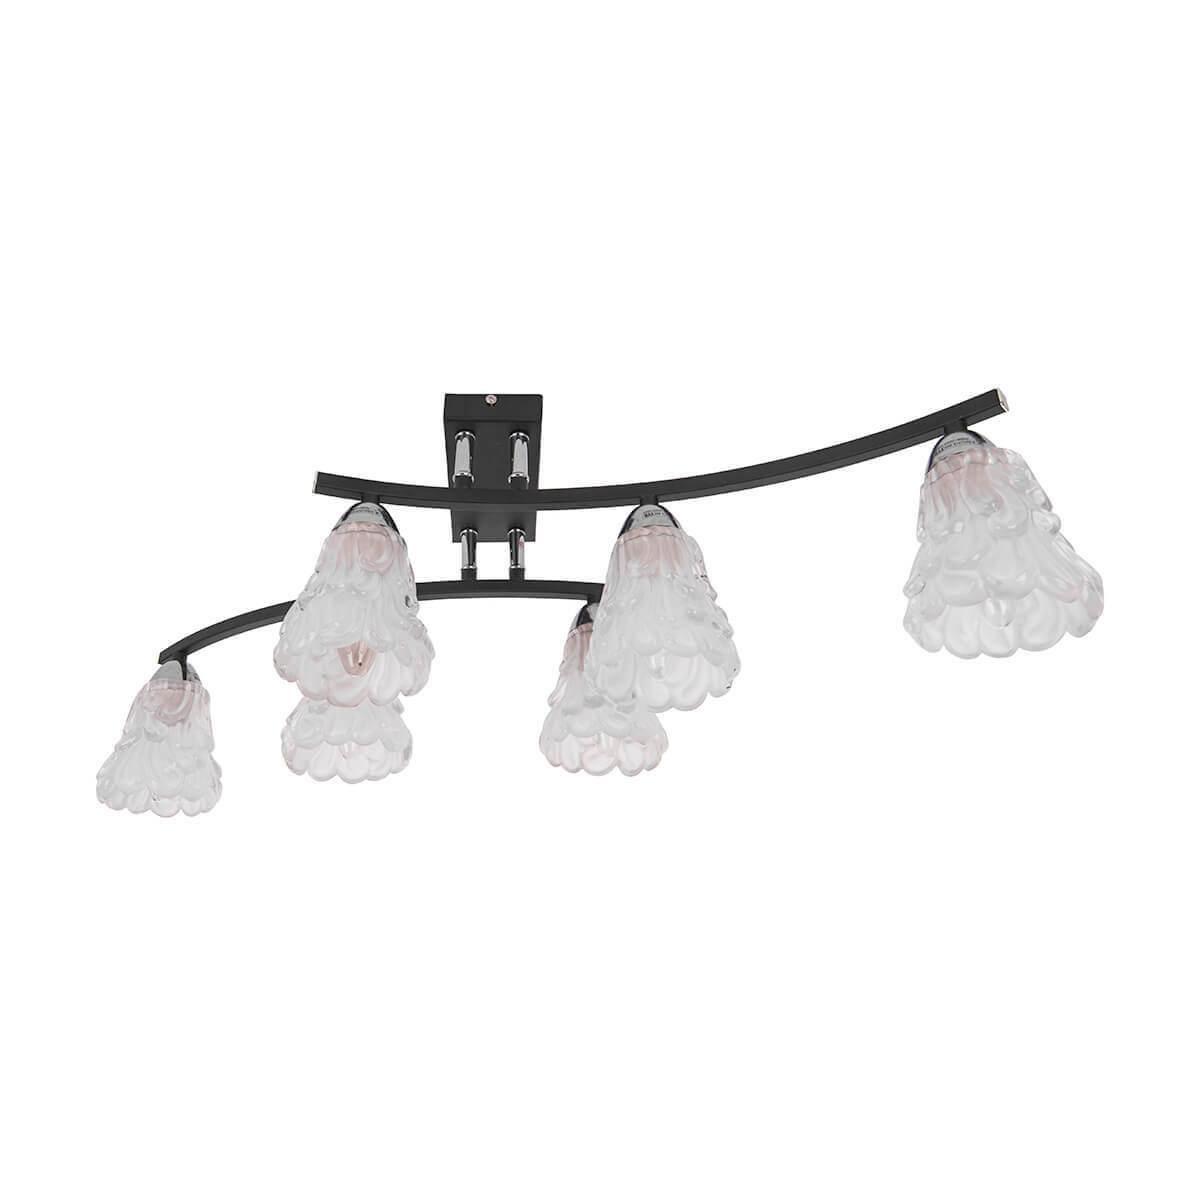 Потолочный светильник IDLamp 217/6PF-Blackchrome, E14, 60 Вт цена в Москве и Питере